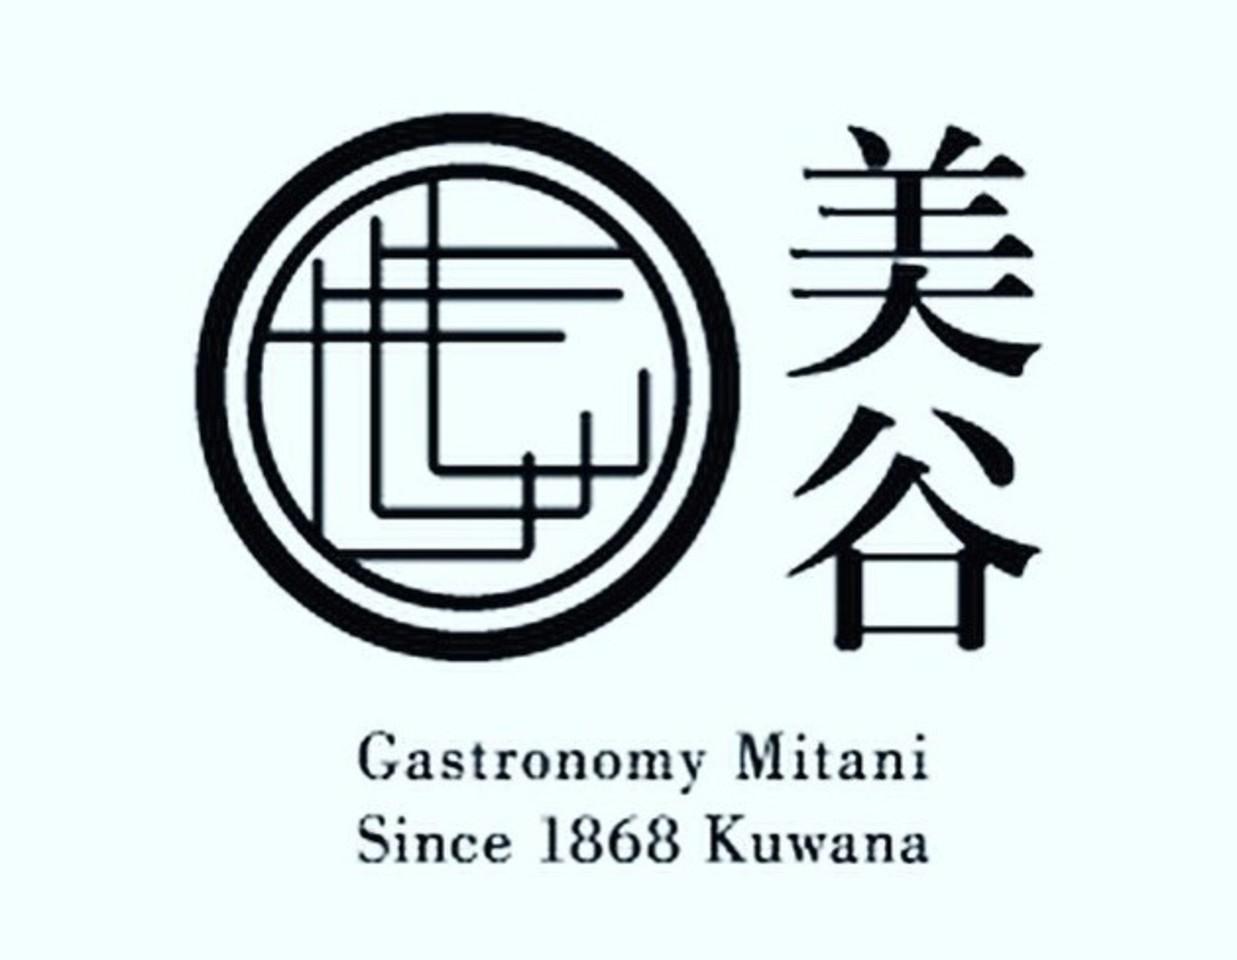 和と伊の創作...三重県桑名市江戸町に「ガストロノミーミタニ」9/2グランドオープン